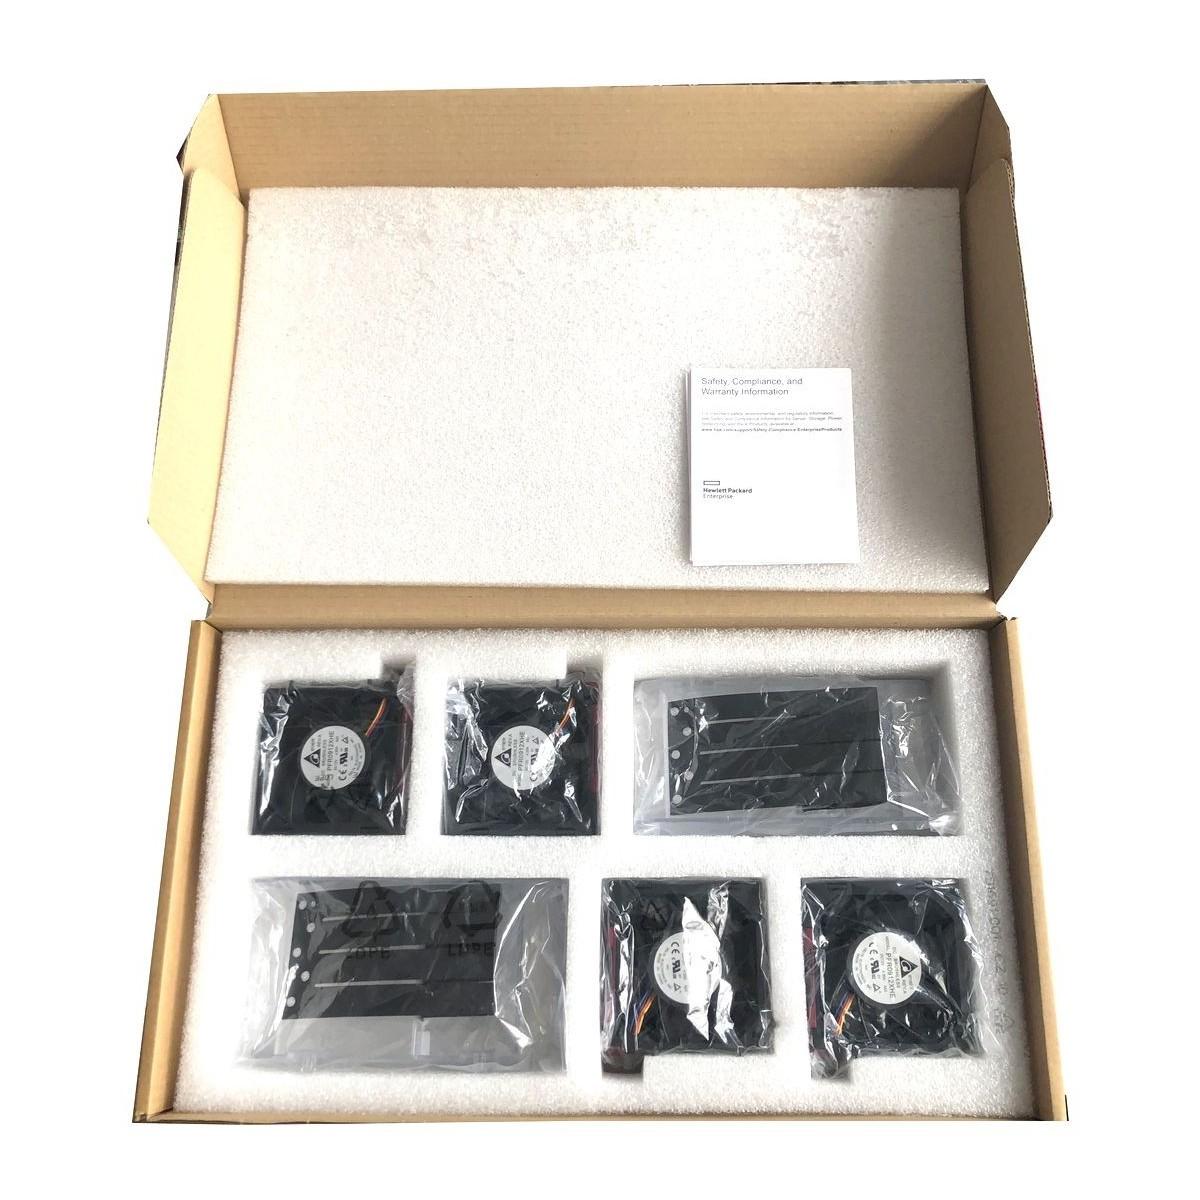 ZESTAW WIATRAKÓW HP ML350 G9 4x768954-001